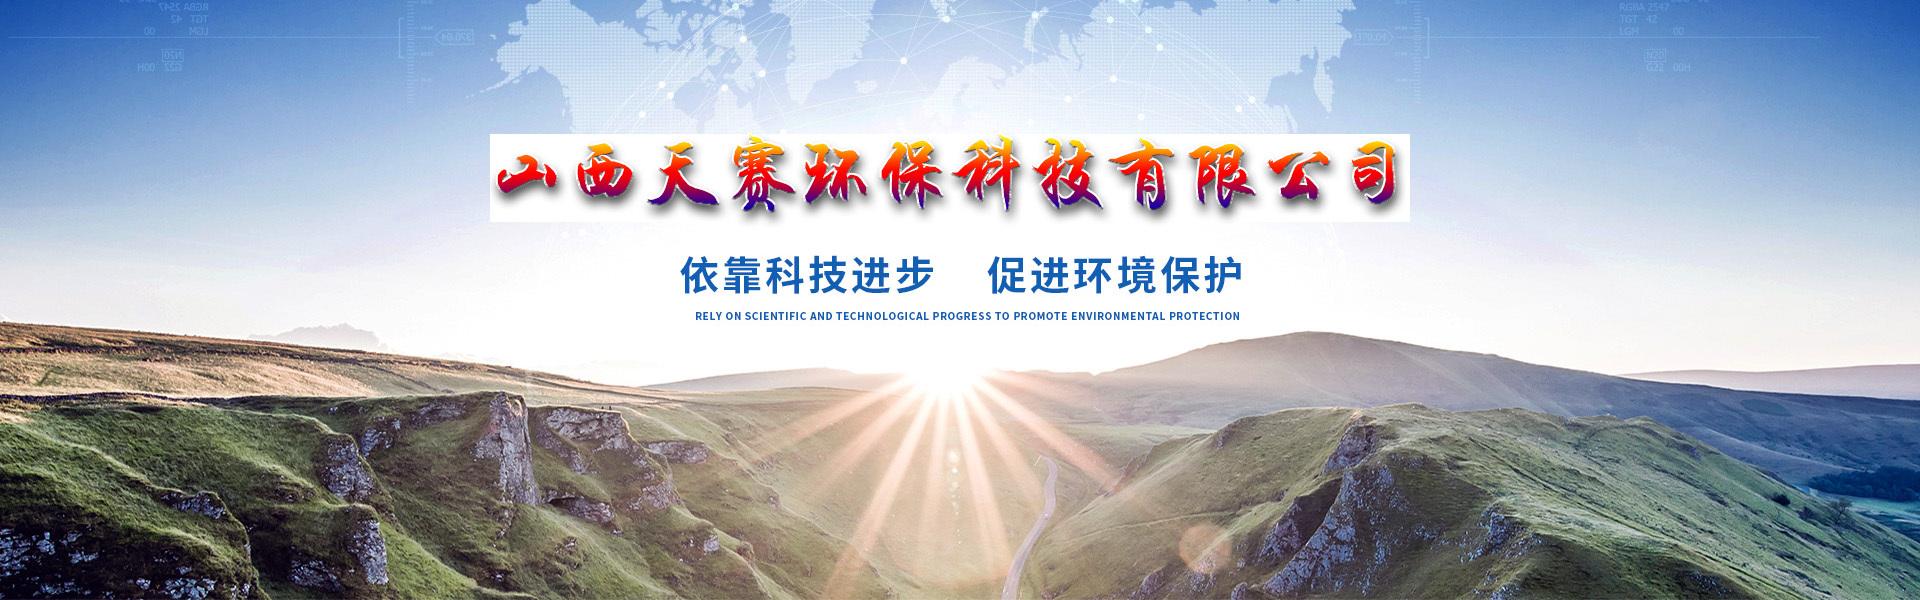 山西乐天堂娱乐在线环保科技有限公司 乐天堂娱乐在线环保